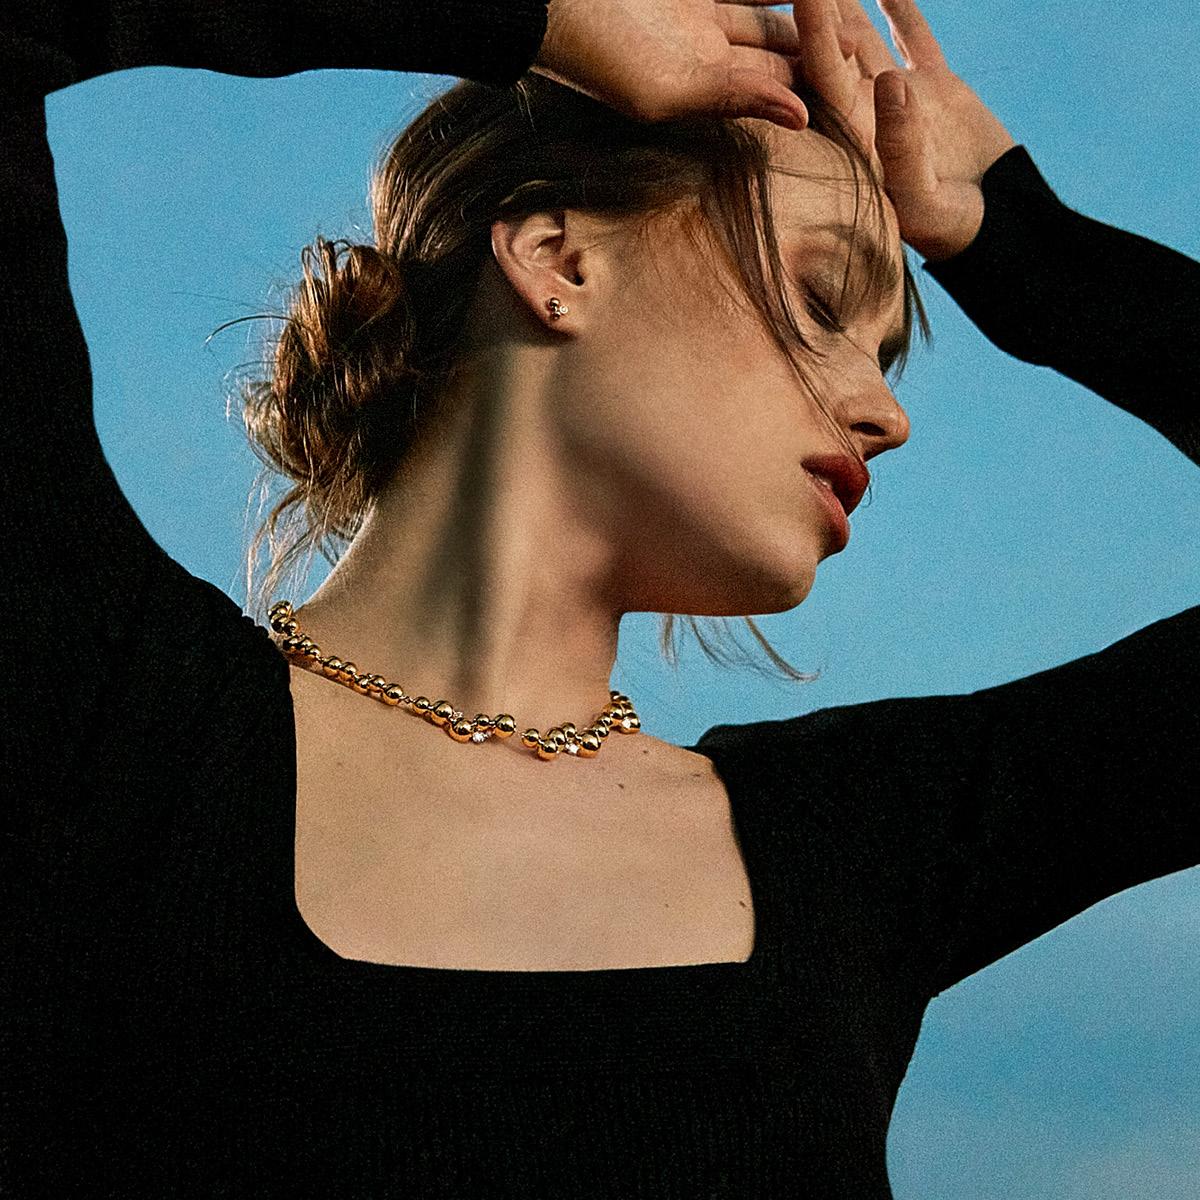 MOONLIGHT GRAPES Halskette mit Anhänger, kleine